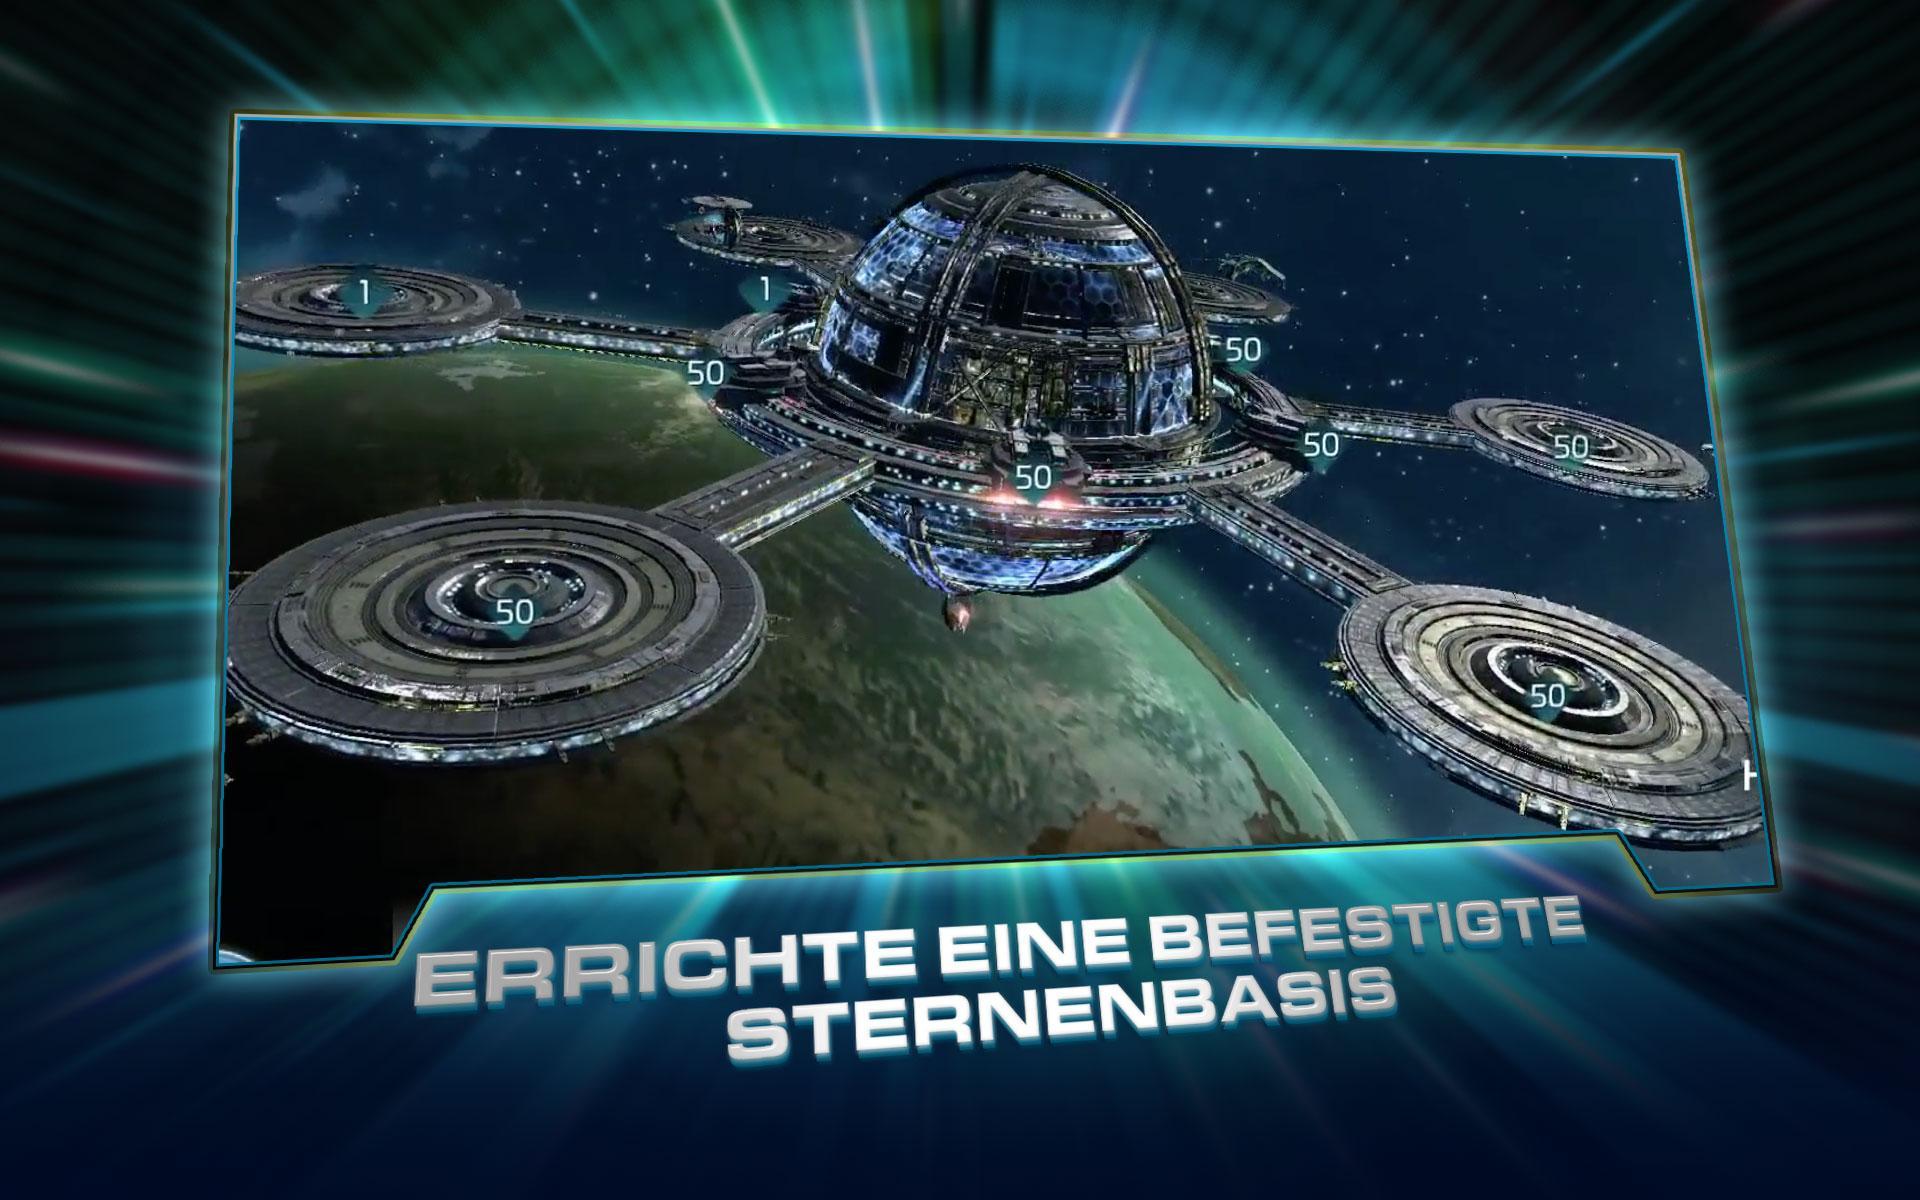 Star Trek Pc Spiel